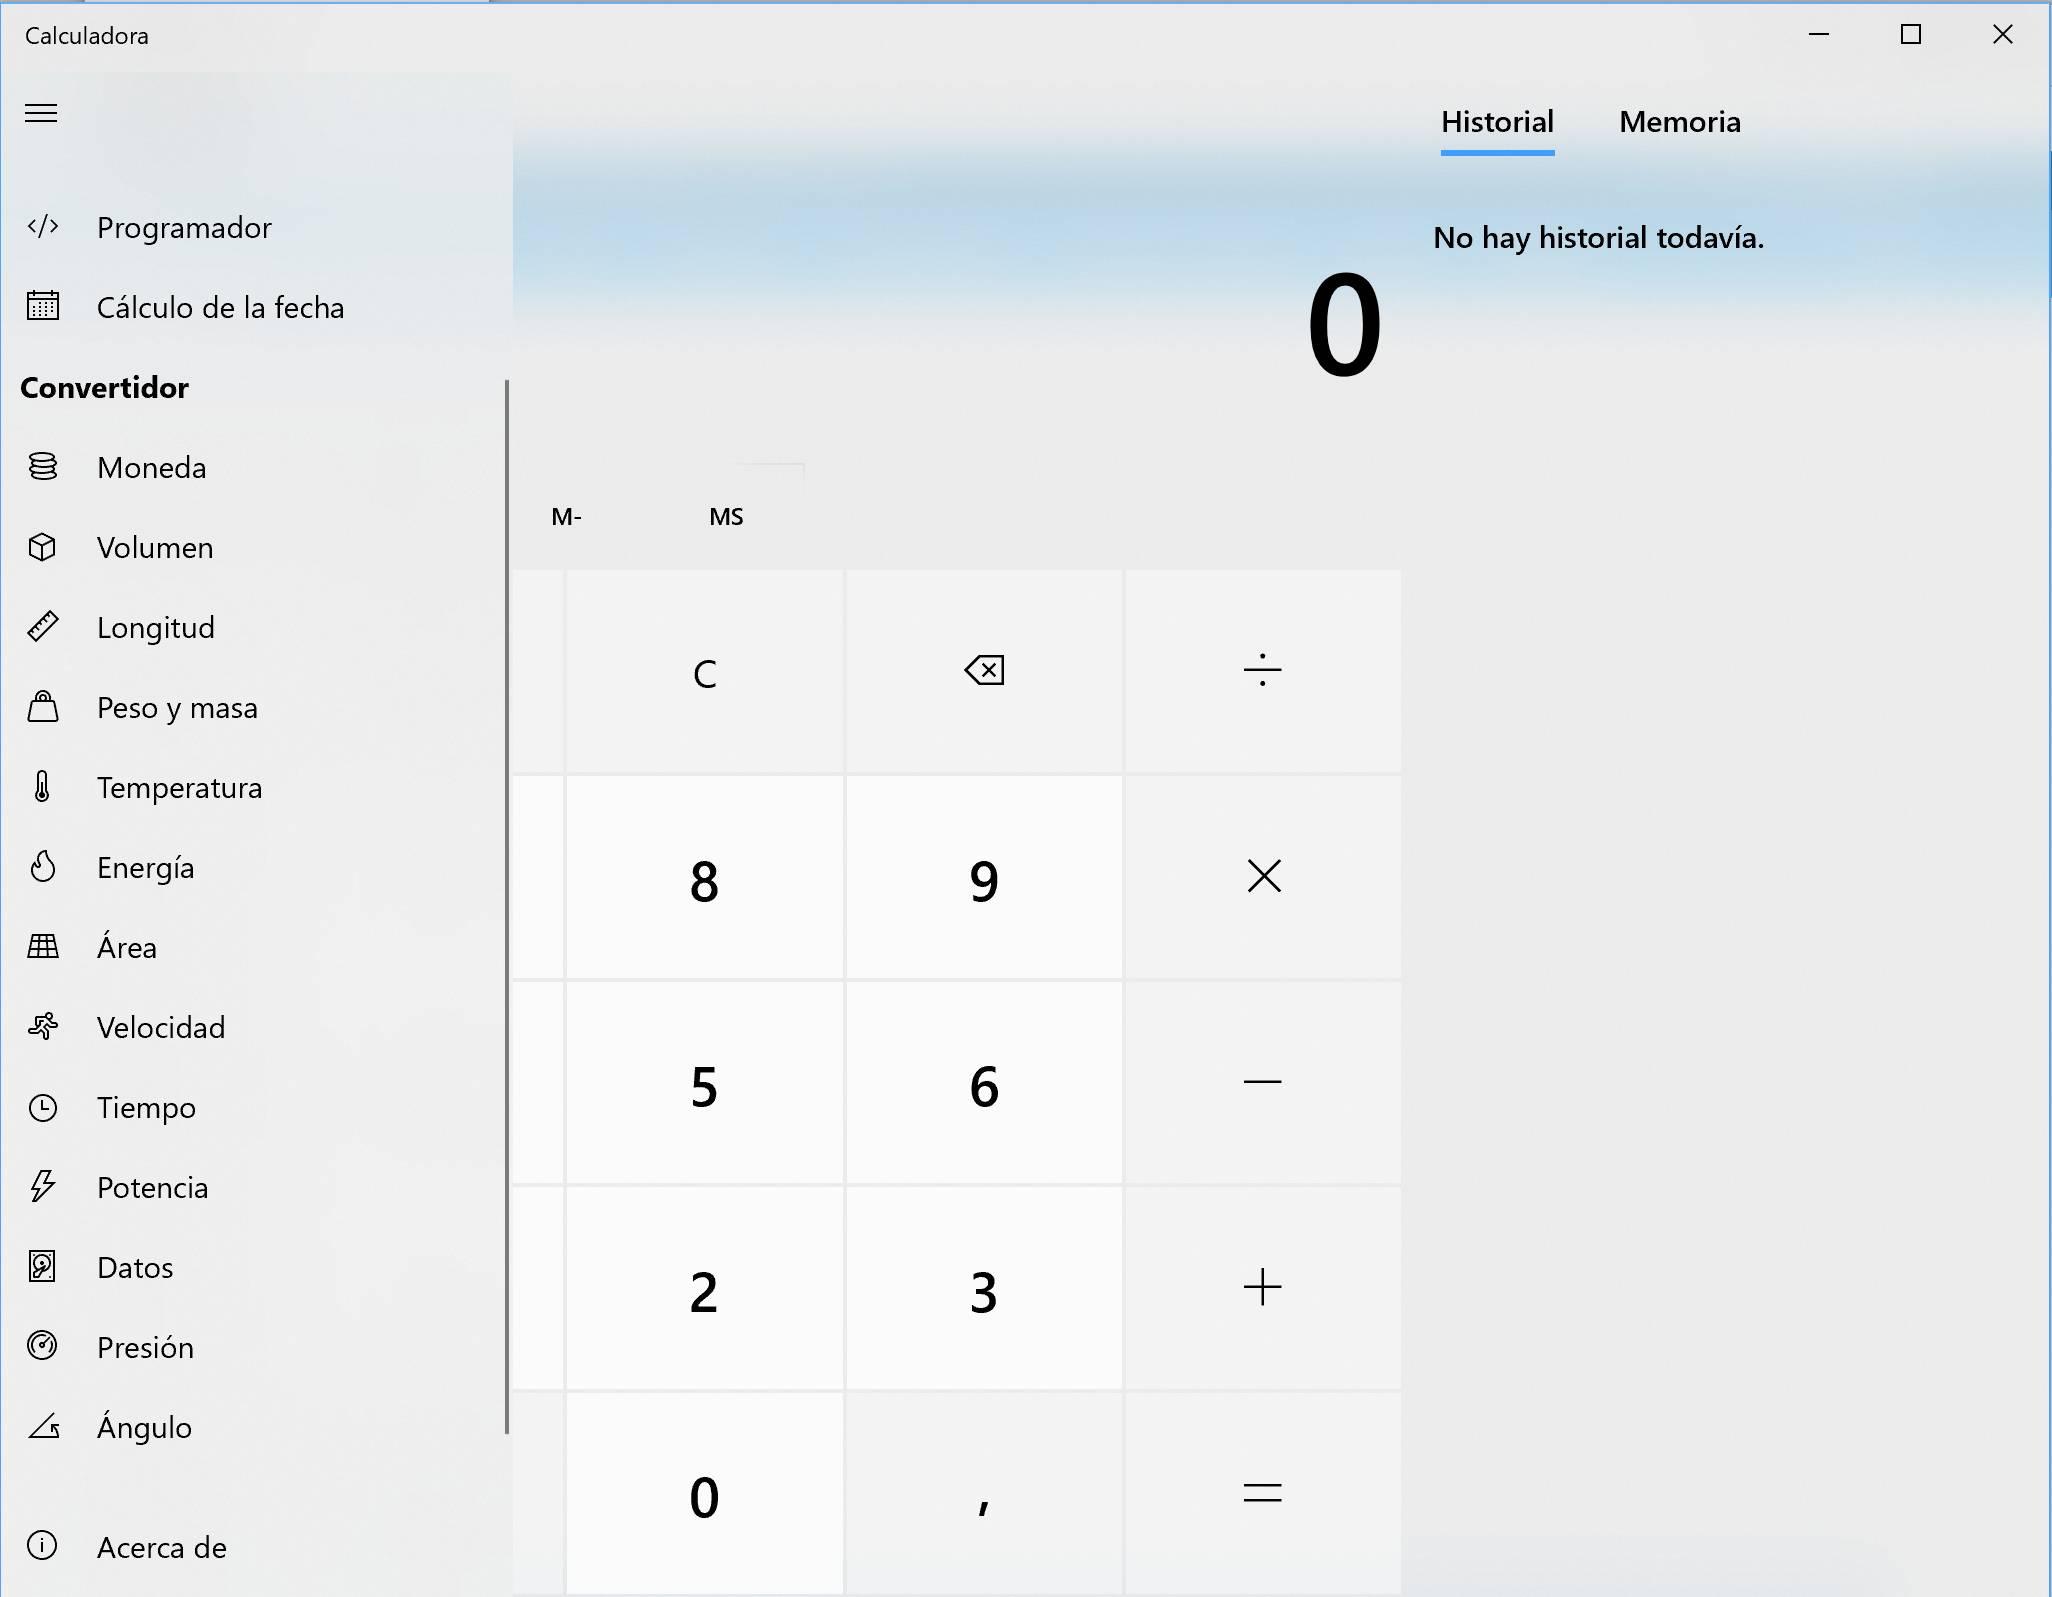 Llegan los iconos a la calculadora